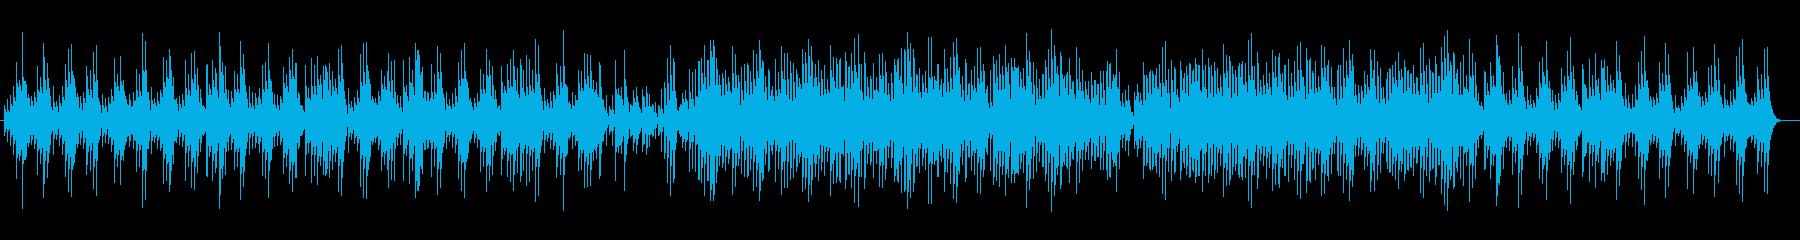 キラキラ感のある鉄琴・シンセサイザー曲の再生済みの波形